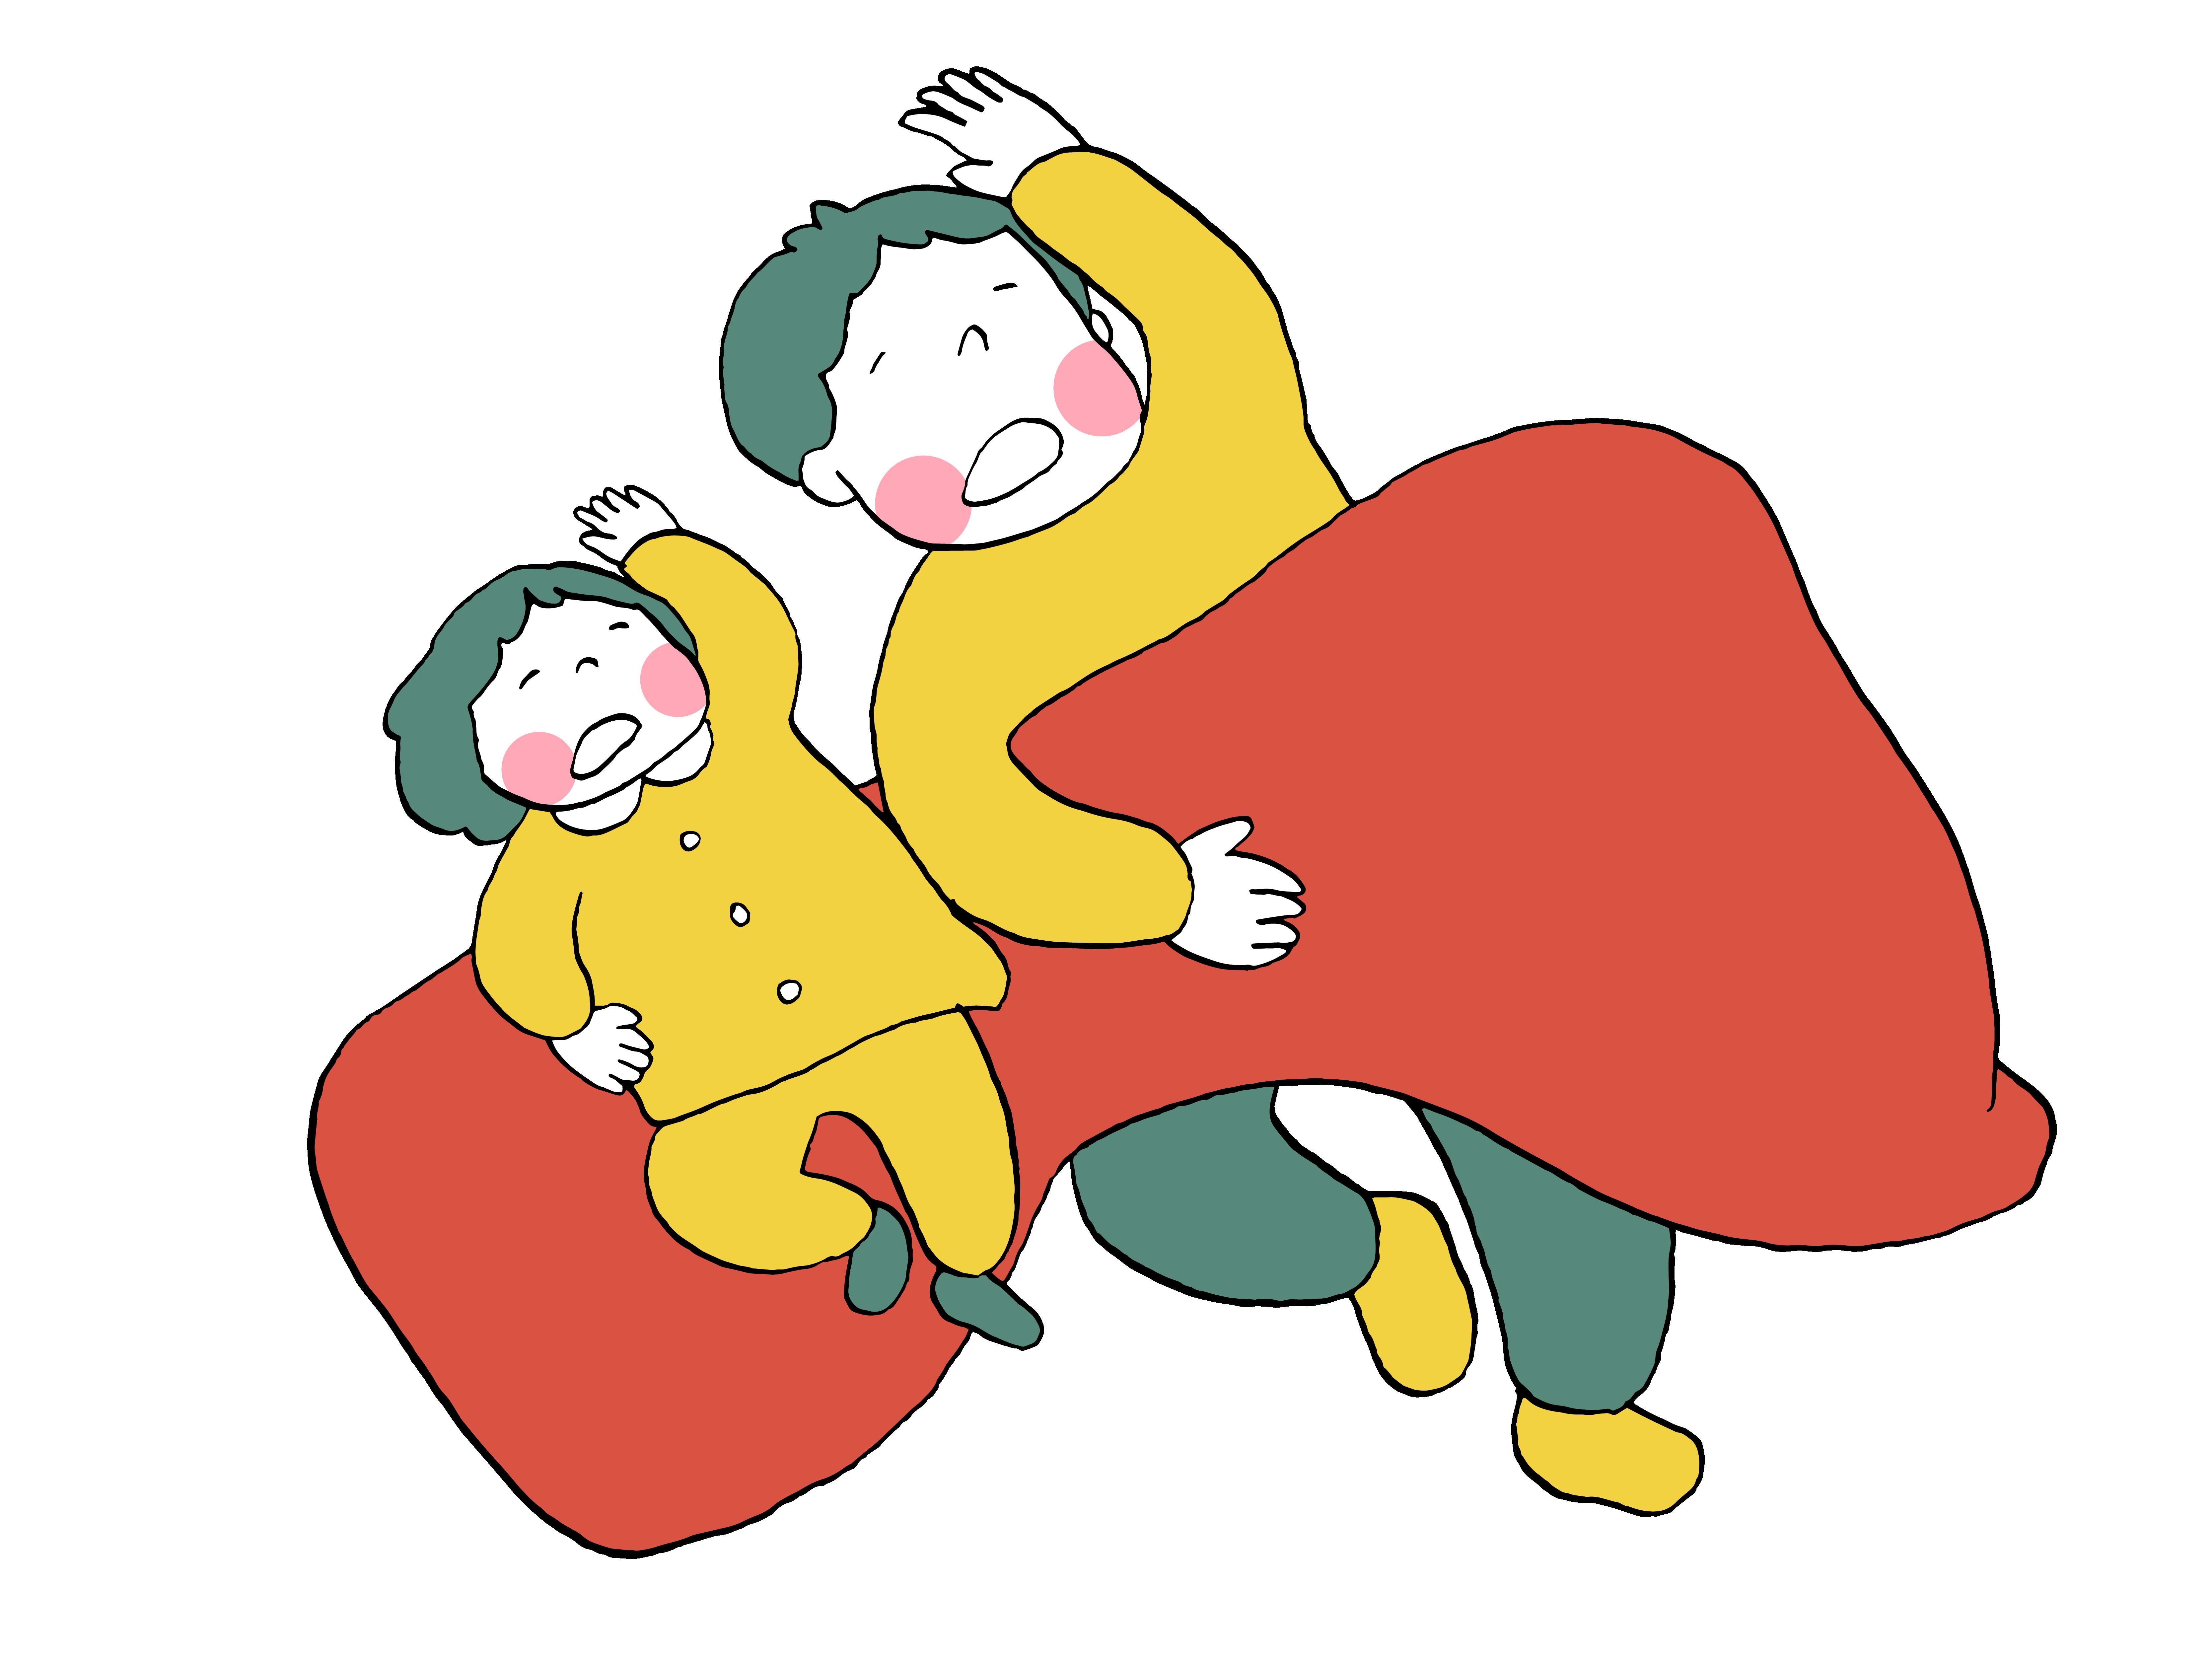 【オノマトペ】そっくりの意味と例文